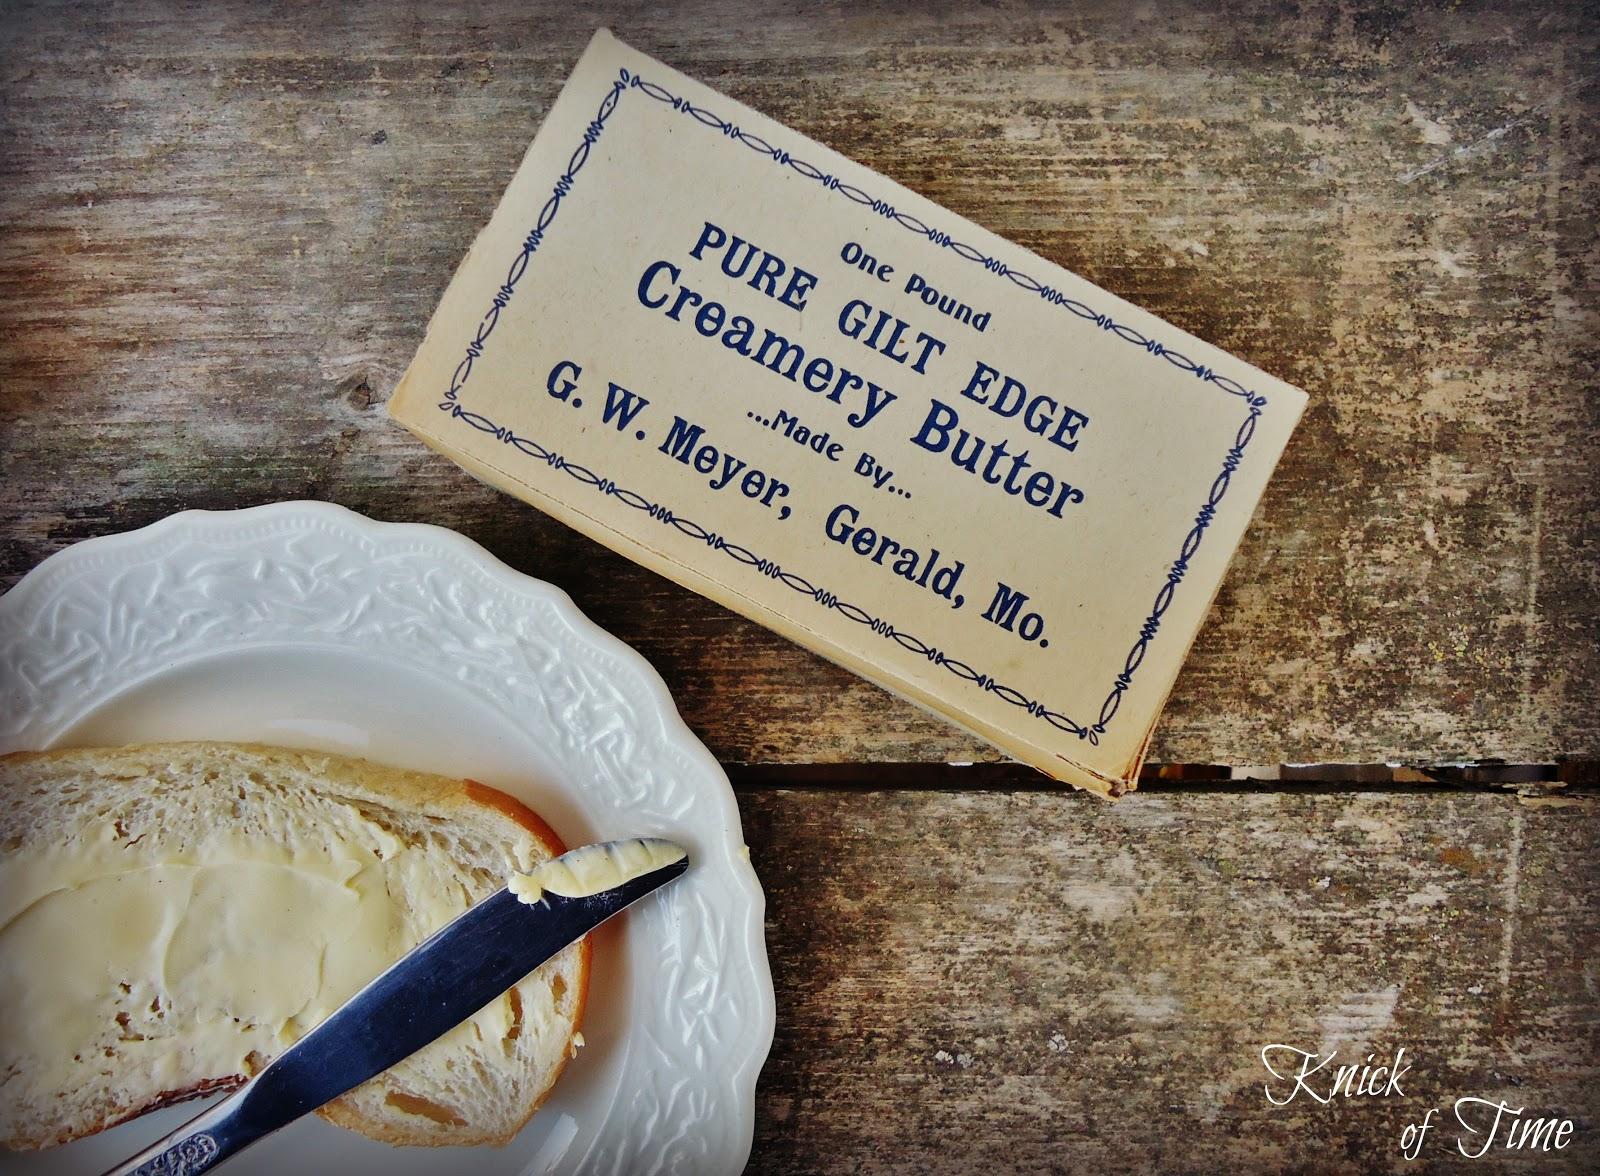 http://4.bp.blogspot.com/-7Wemun7K7AE/UOM2fyrrbMI/AAAAAAAASVc/1Rl1LLMy0dE/s1600/butter+2.jpg